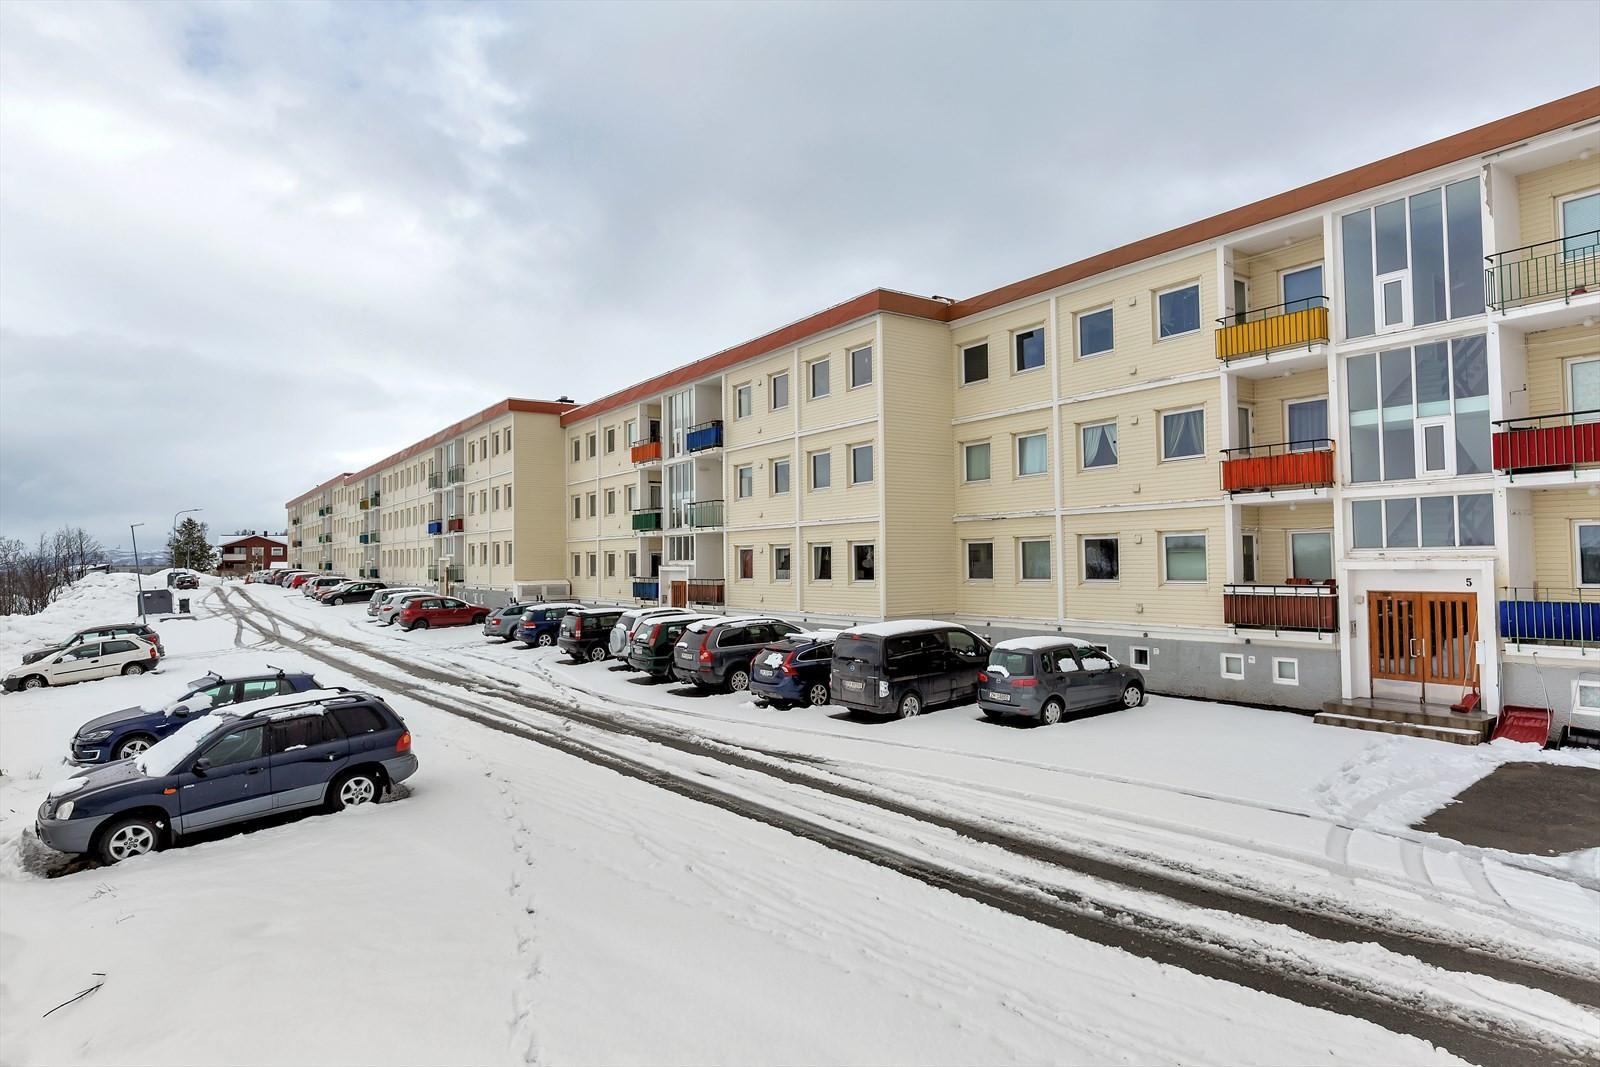 Velkommen til Ringkøbingvegen og Charlottenlund